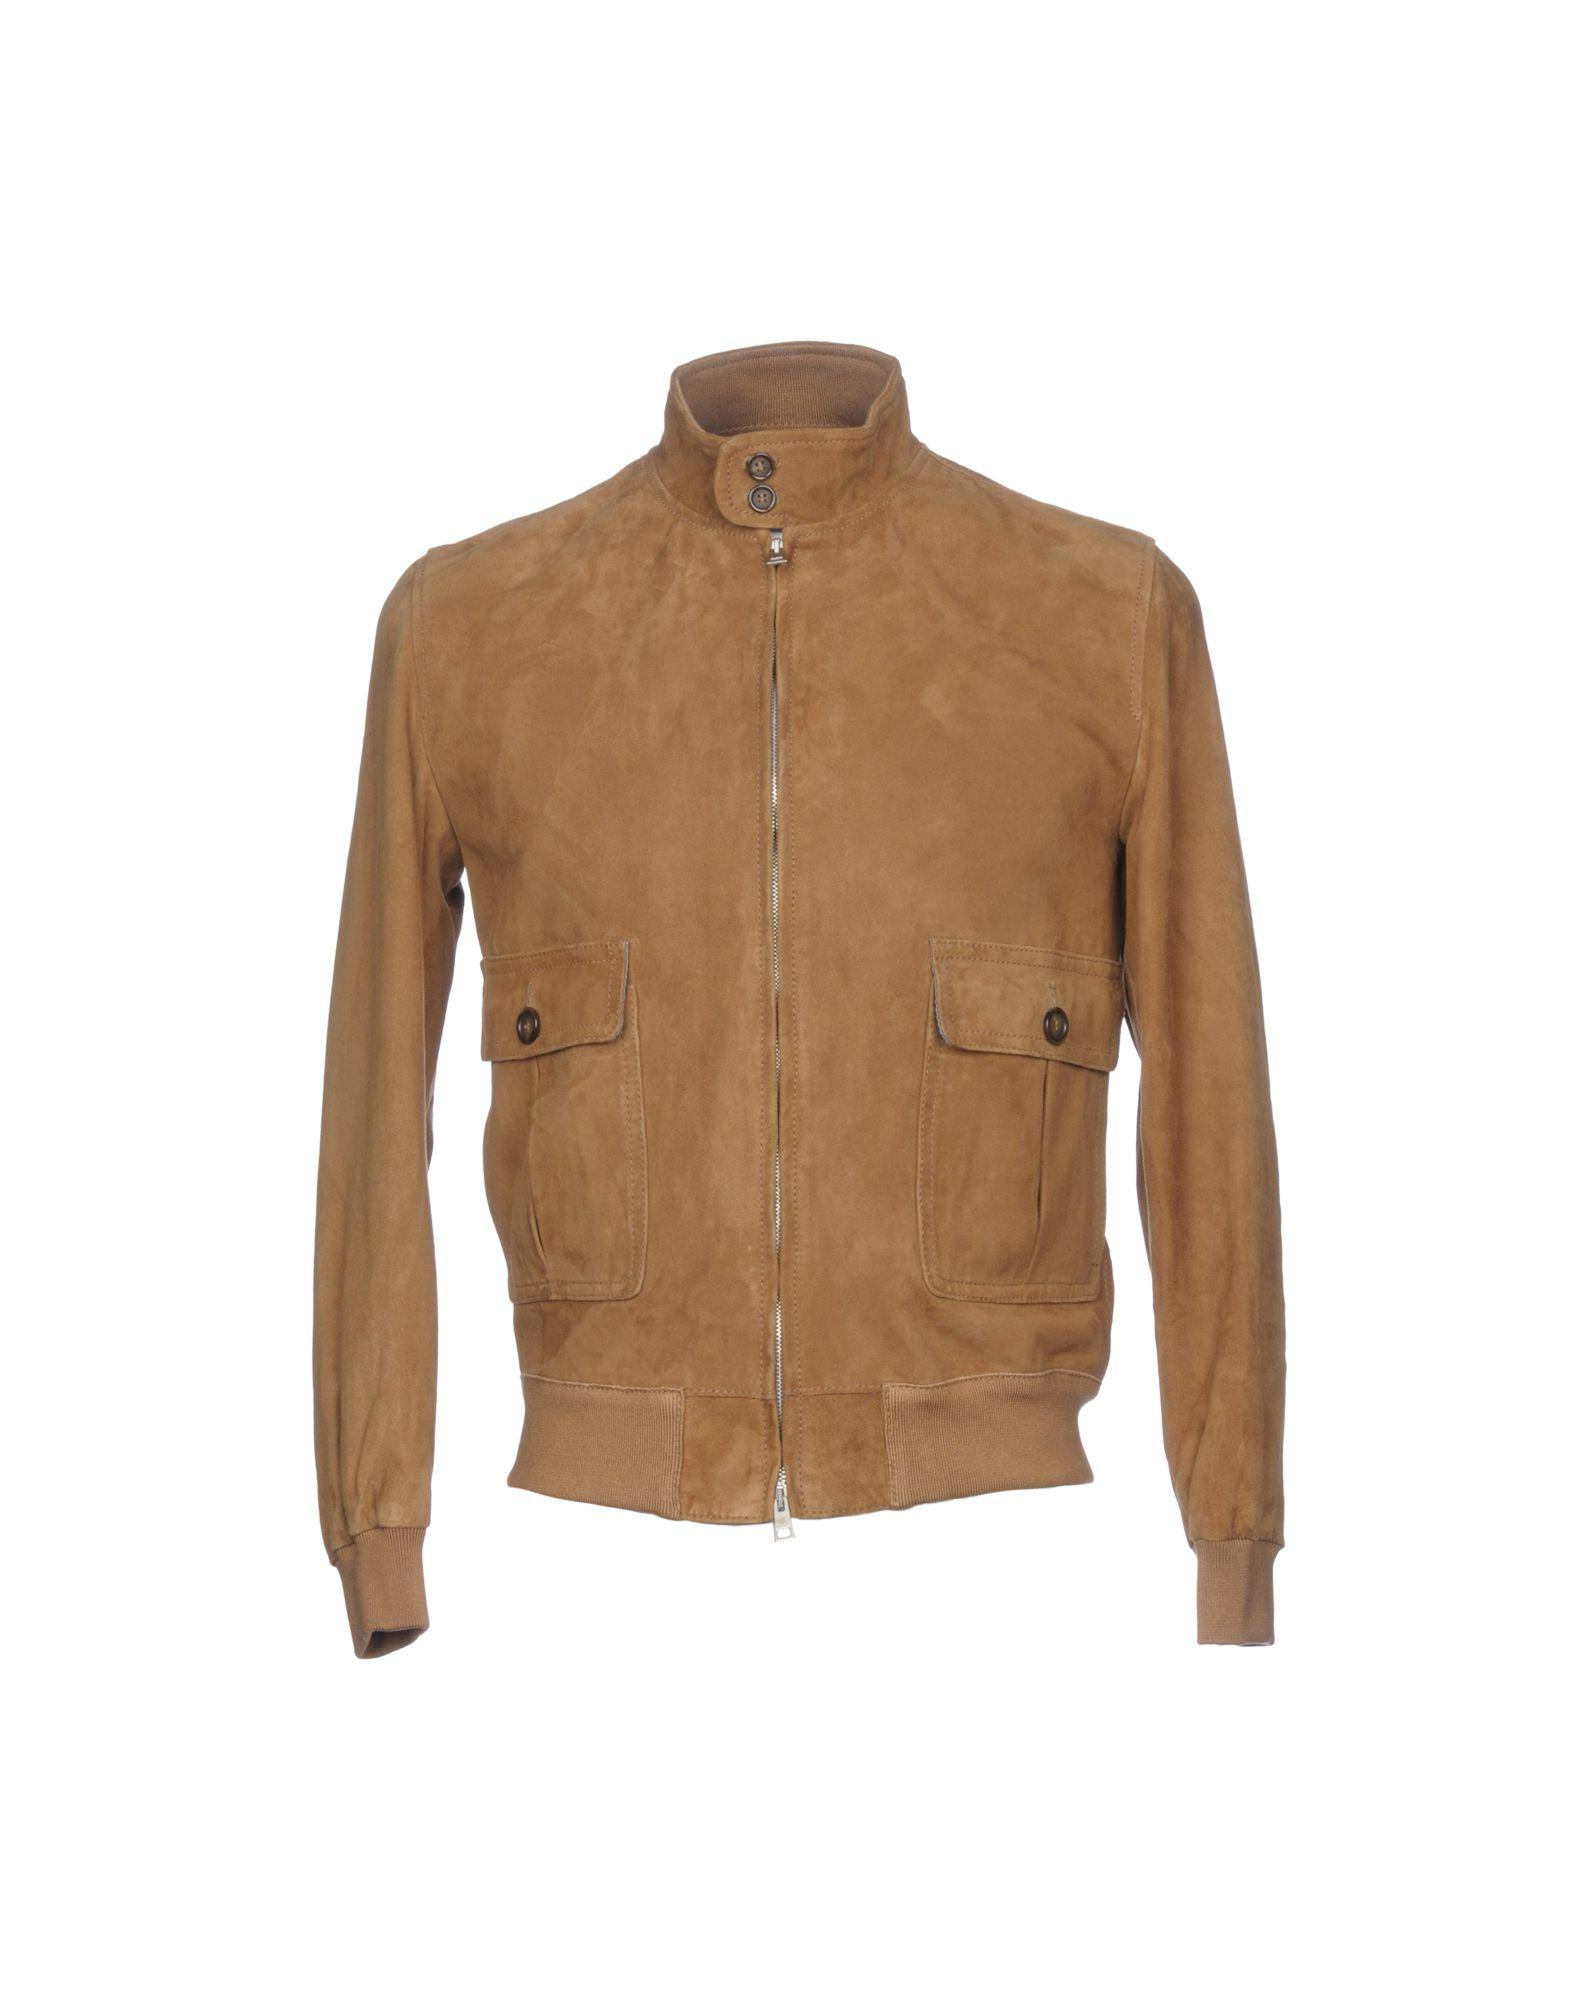 VALSTAR Leather Jacket in Camel